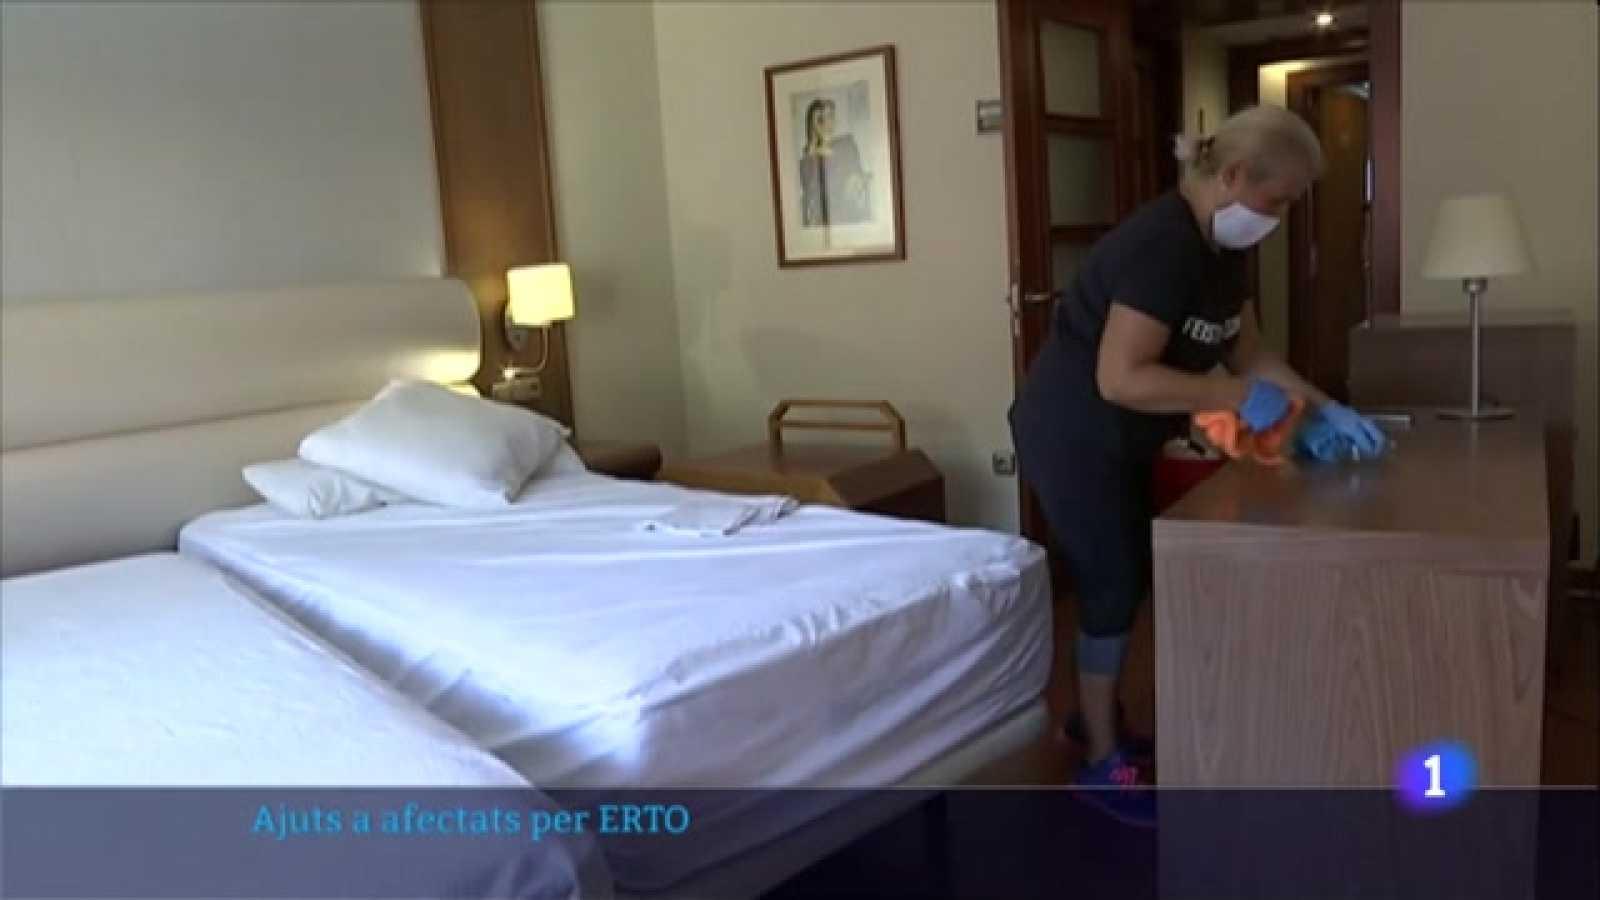 Els treballadors en ERTO rebran un màxim de 900 euros